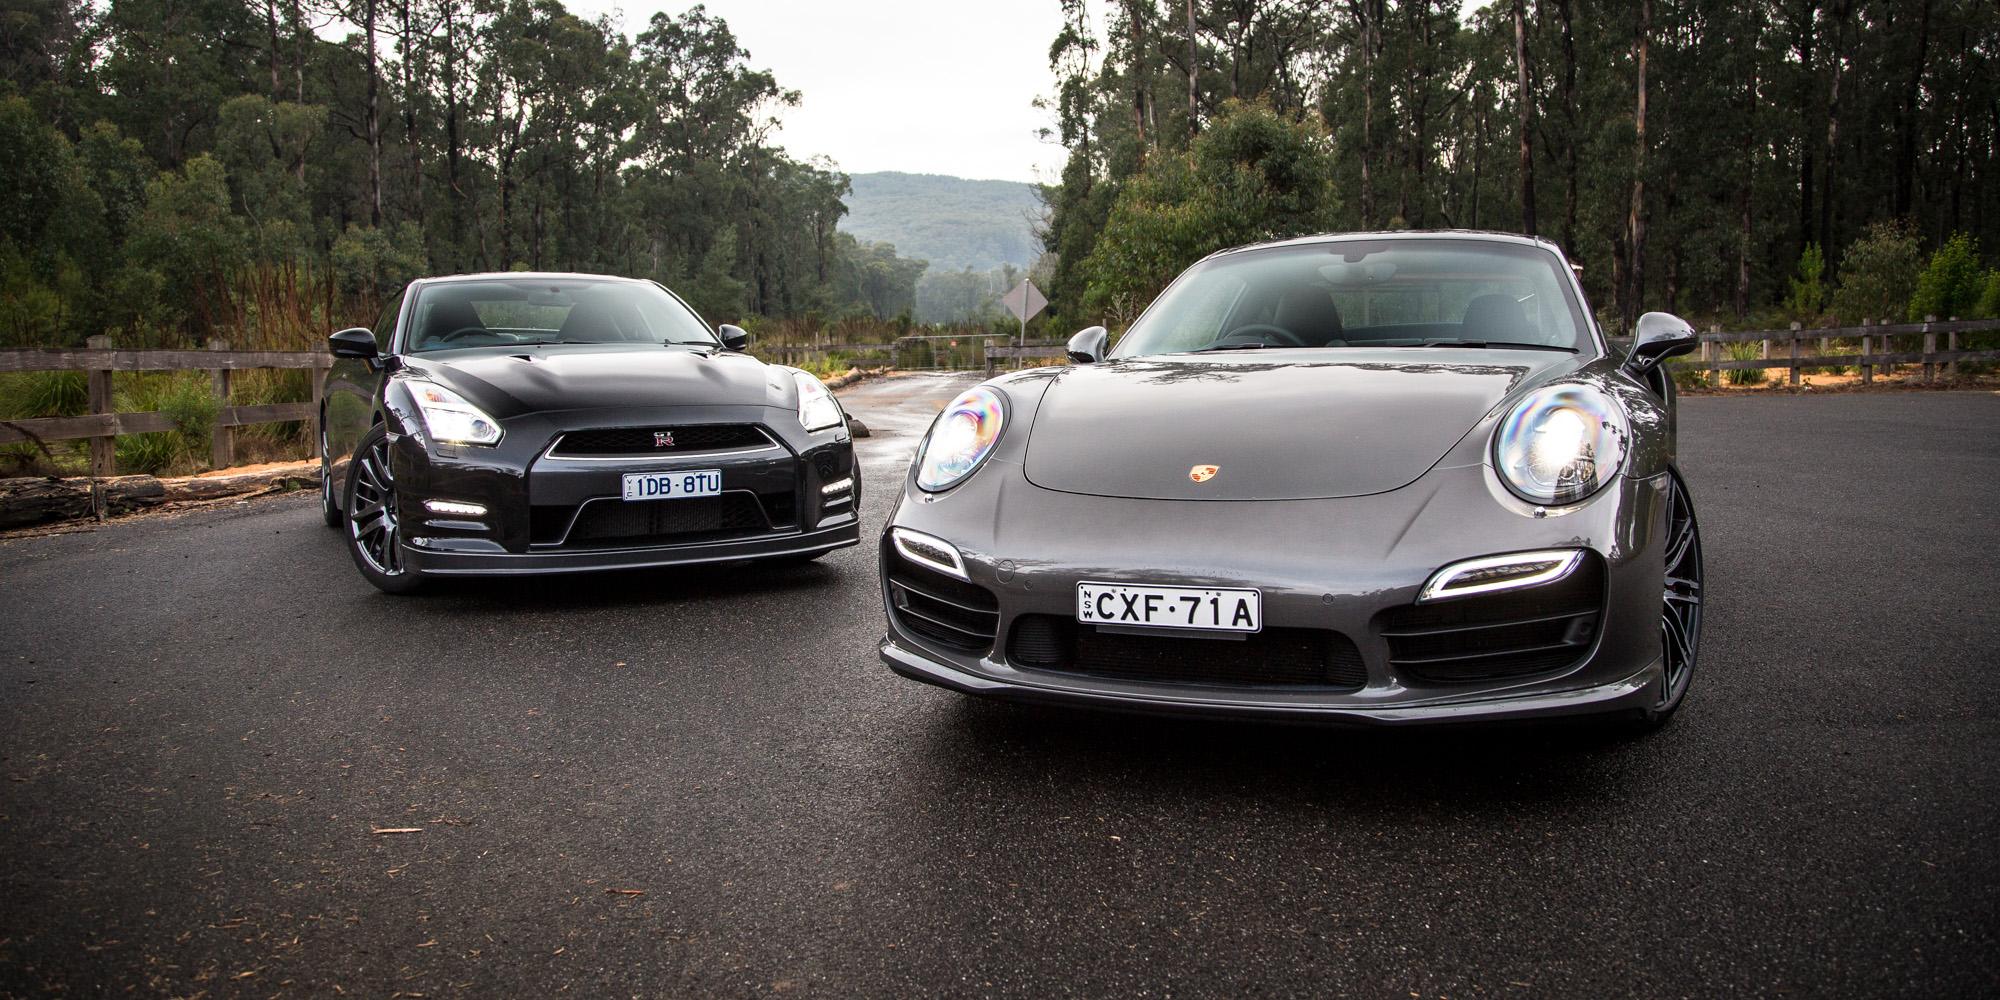 Elegant 2015 Nissan GTR Premium V Porsche 911 Turbo  Comparison